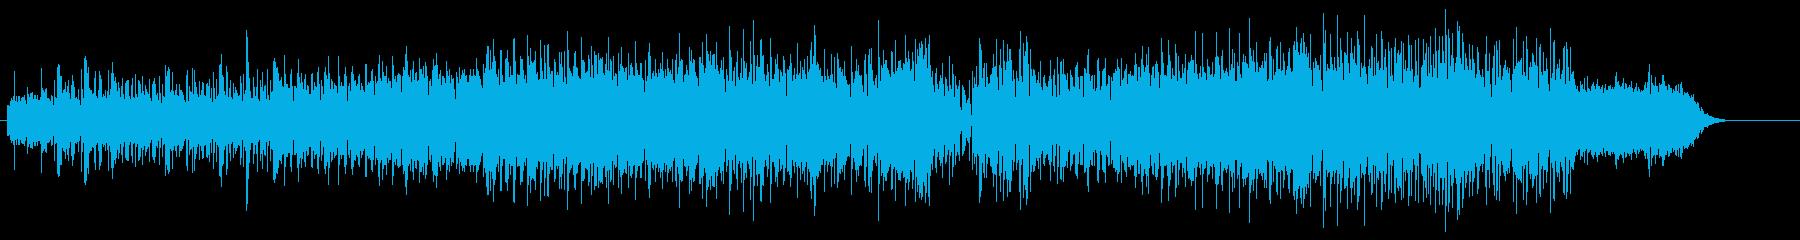 夢幻的なエレクトリック・シンドロームの再生済みの波形